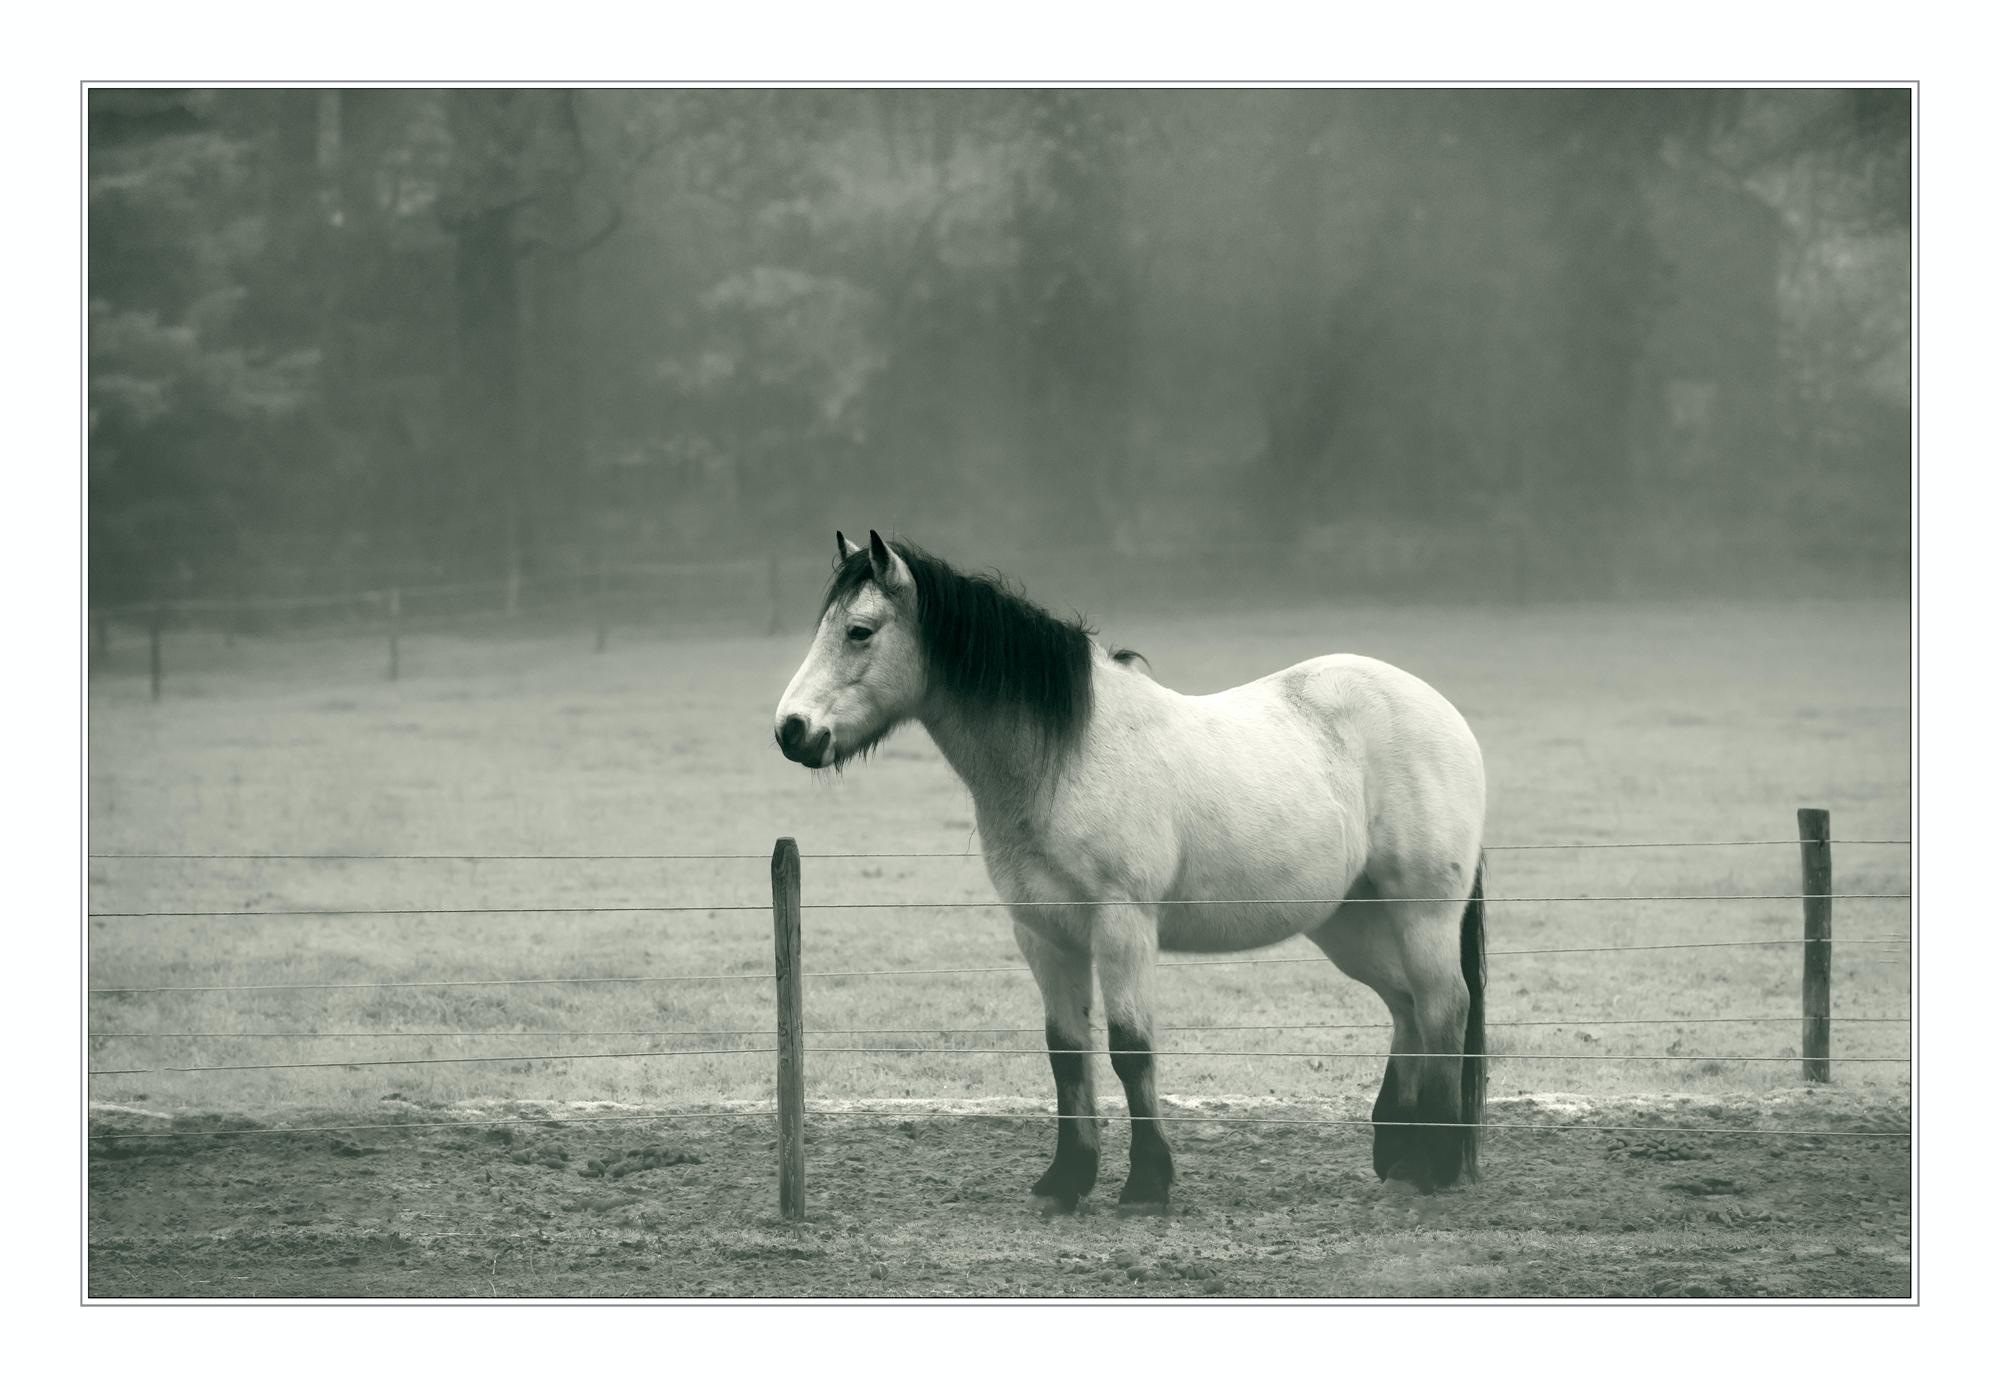 horse cold foggy winter morning - annemio | ello